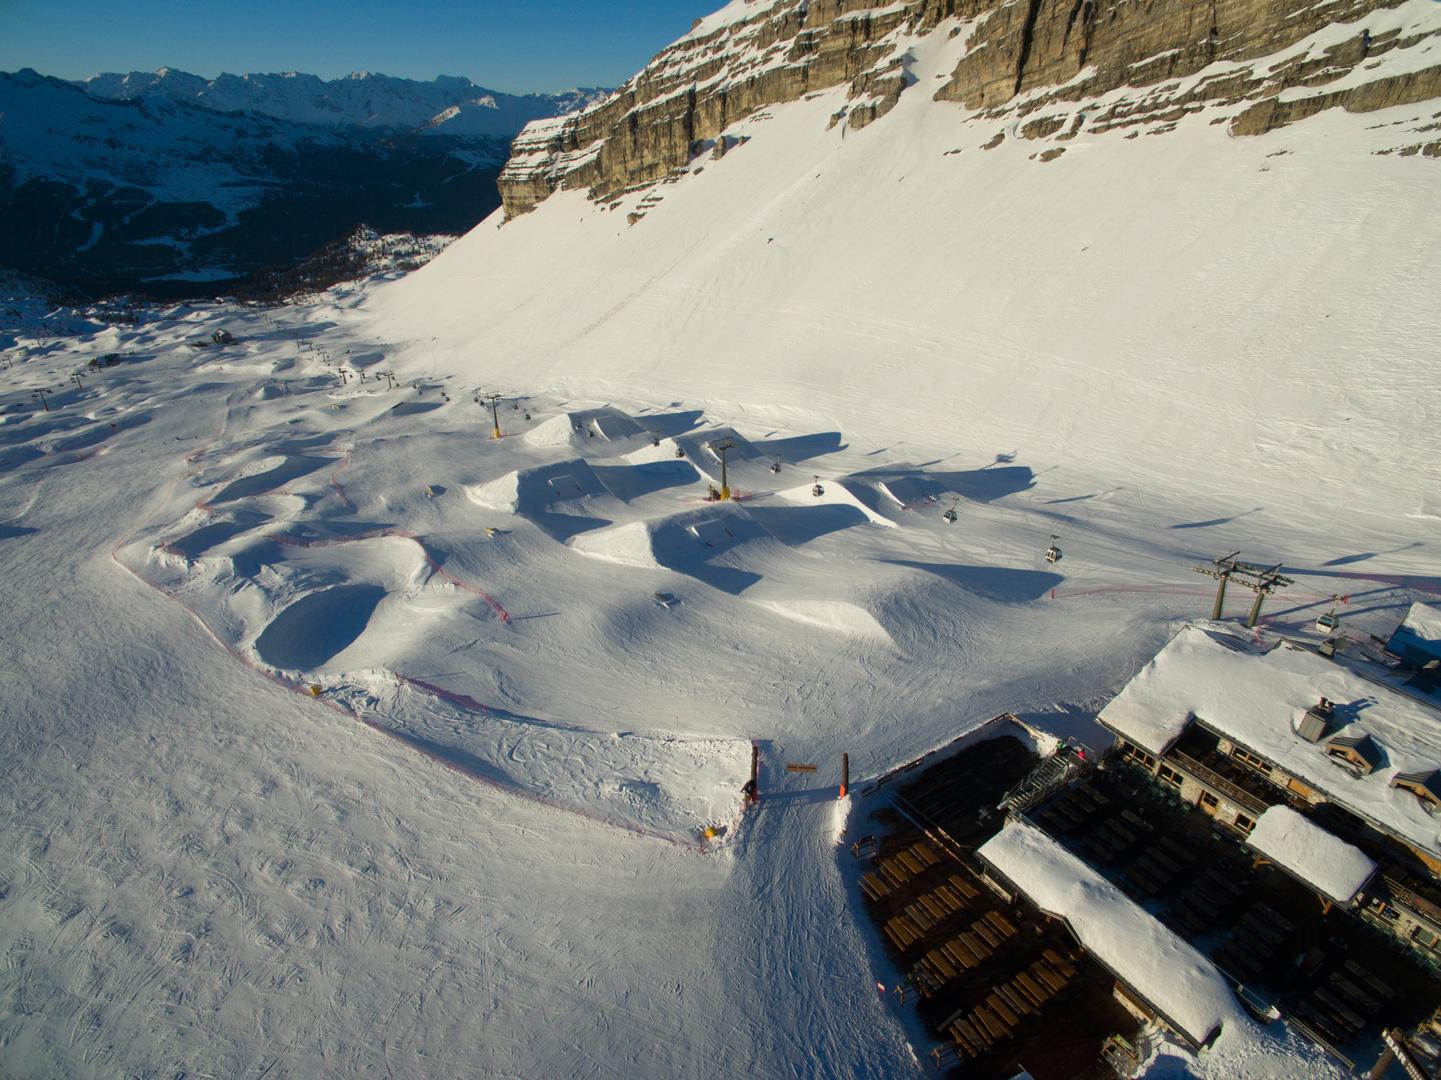 madonna di campiglio ursus snowpark freeski snowpark